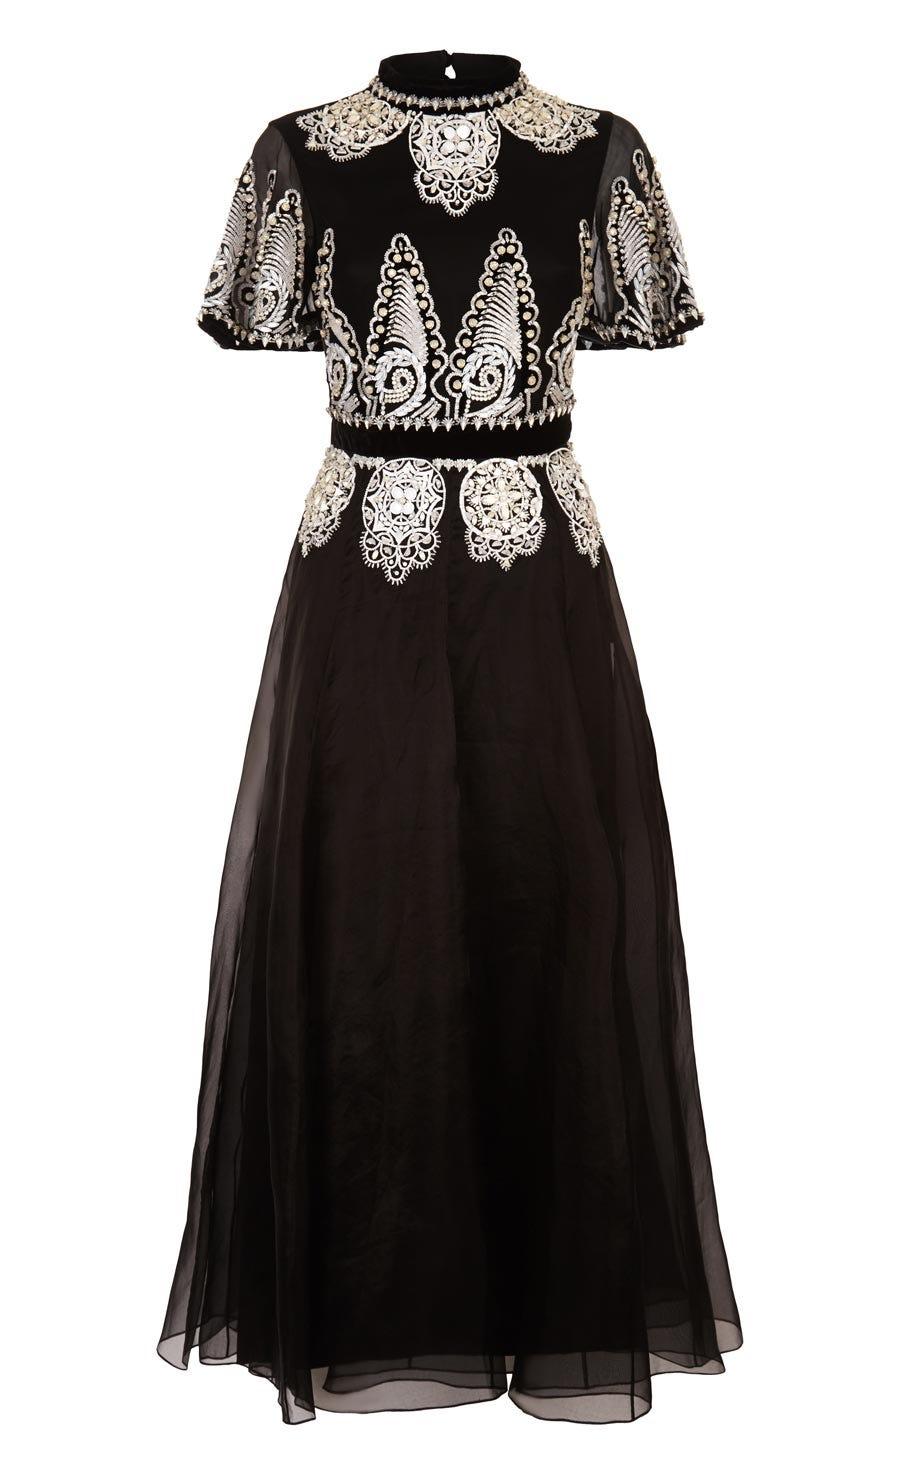 Empire Evening Show Dress, Black